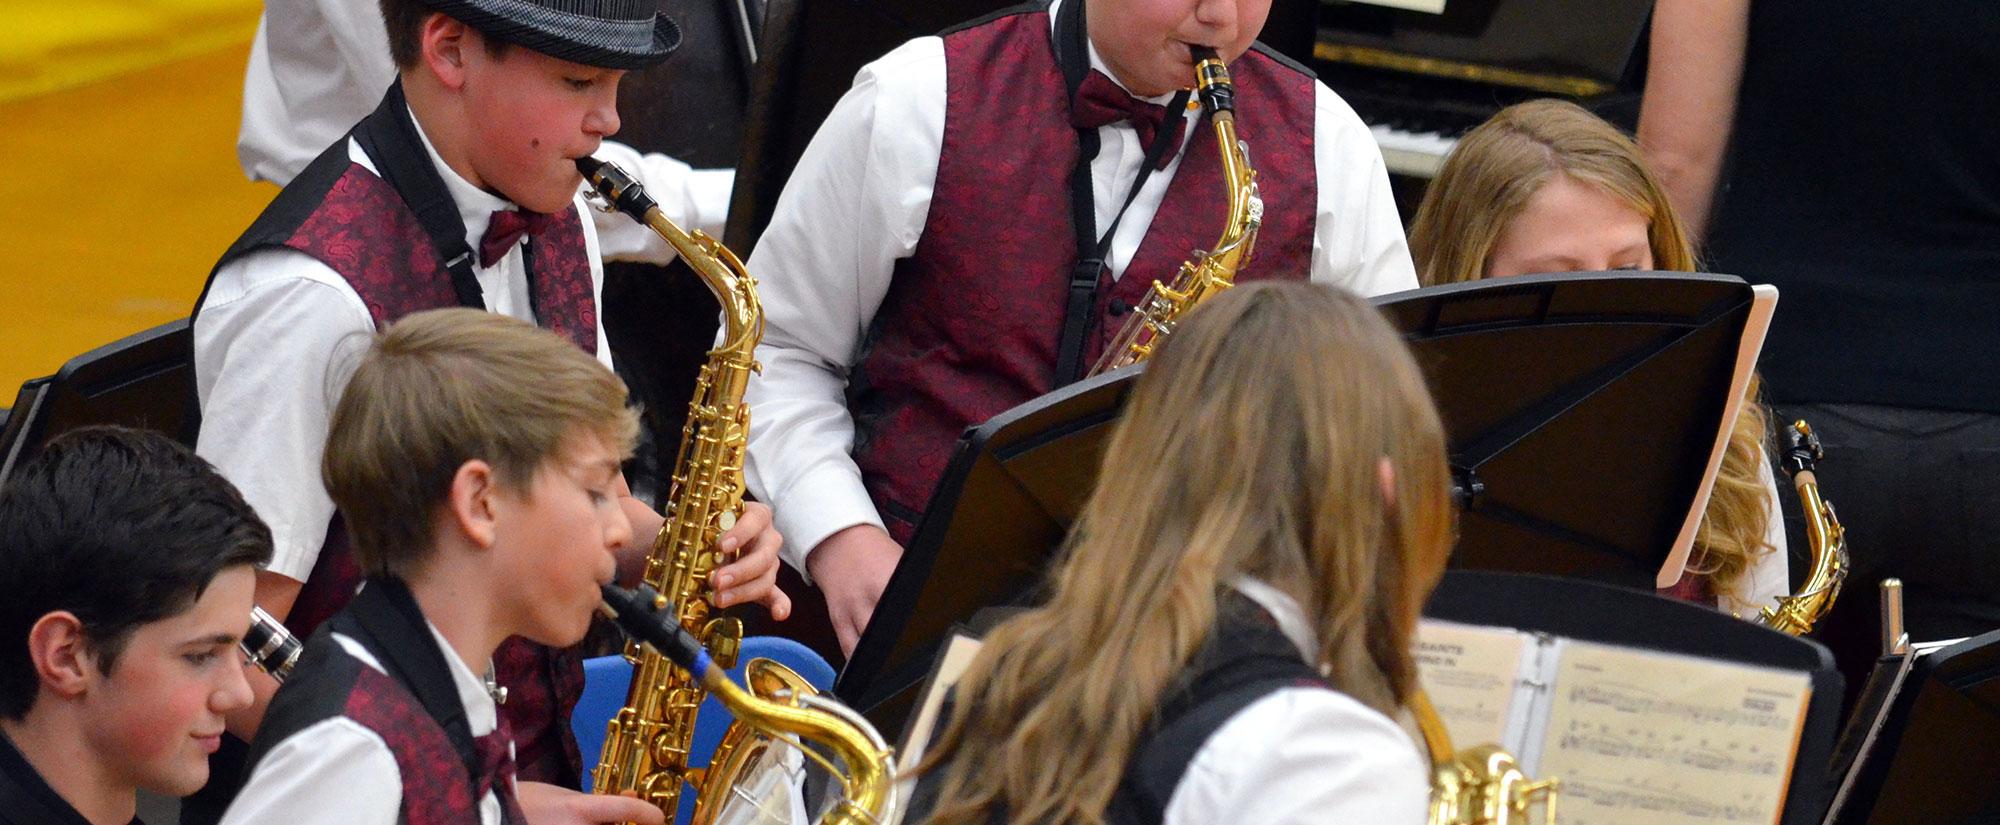 Jugendliche Saxophonspieler in einem Musikverein.